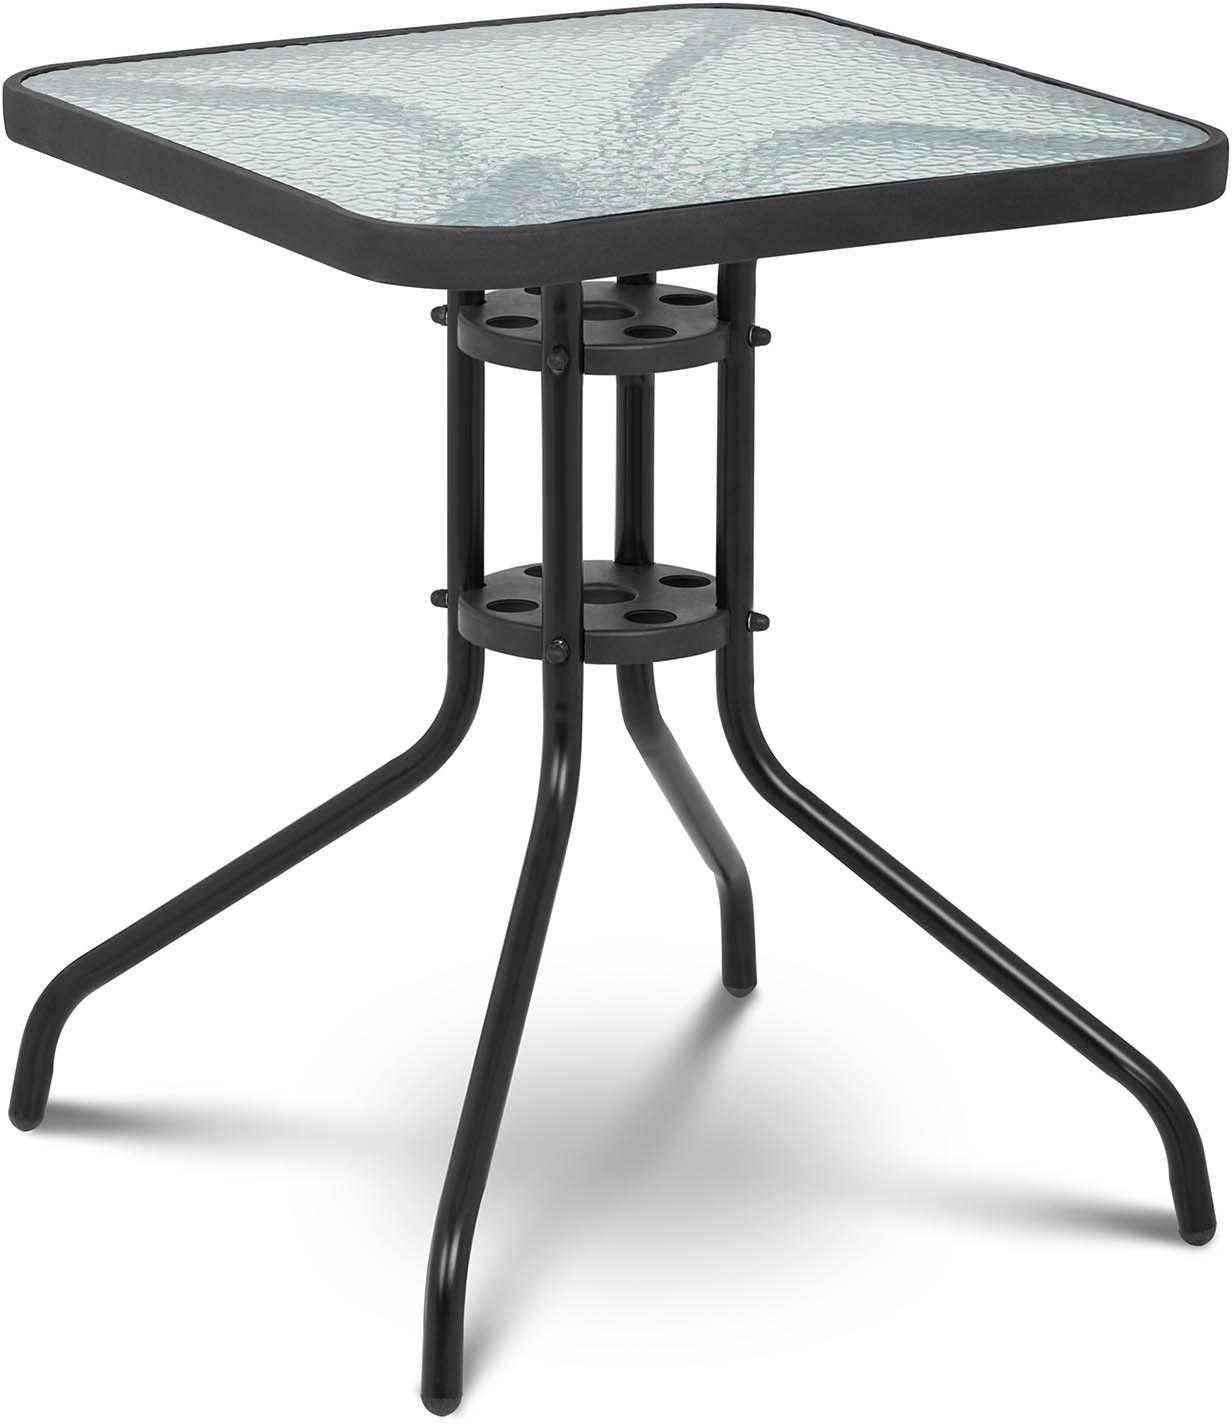 Stolik balkonowy - 60 cm - kwadratowy - Uniprodo - UNI_TABLE_02 - 3 lata gwarancji/wysyłka w 24h